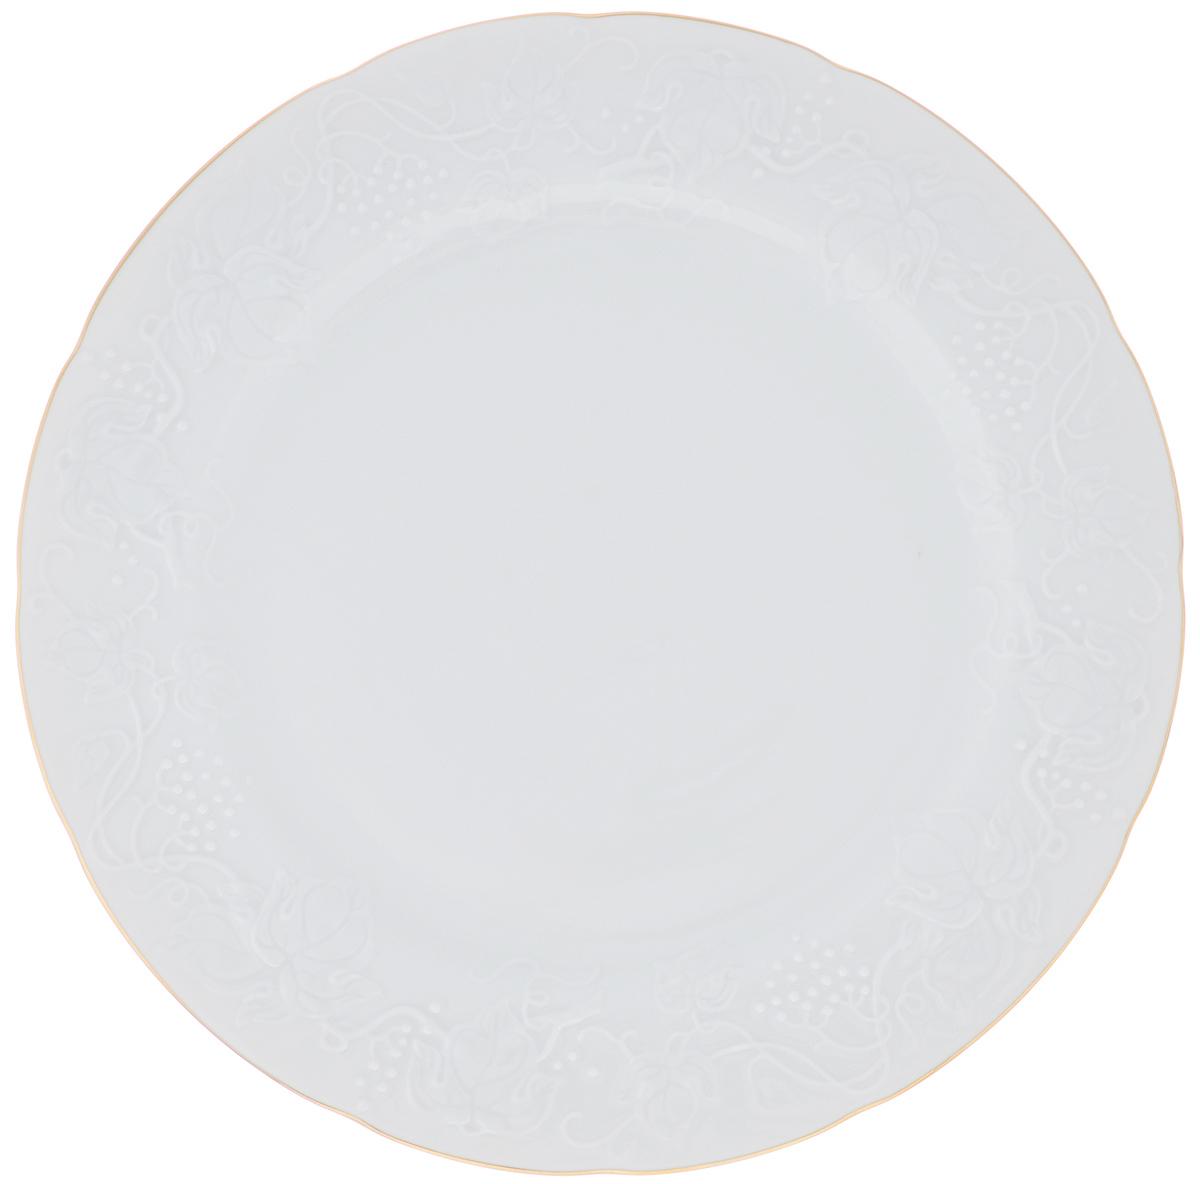 Блюдо La Rose Des Sables Vendanges, цвет: белый, золотистый, диаметр 31 см6 906 321 009Блюдо La Rose Des Sables Vendanges, изготовленное из качественного фарфора, декорировано рельефным изображением цветов. Оно отлично подойдет для красивой сервировки различных блюд. Такое блюдо придется по вкусу и ценителям классики, и тем, кто предпочитает утонченность и изысканность. Диаметр: 31 см. Высота: 2,5 см.